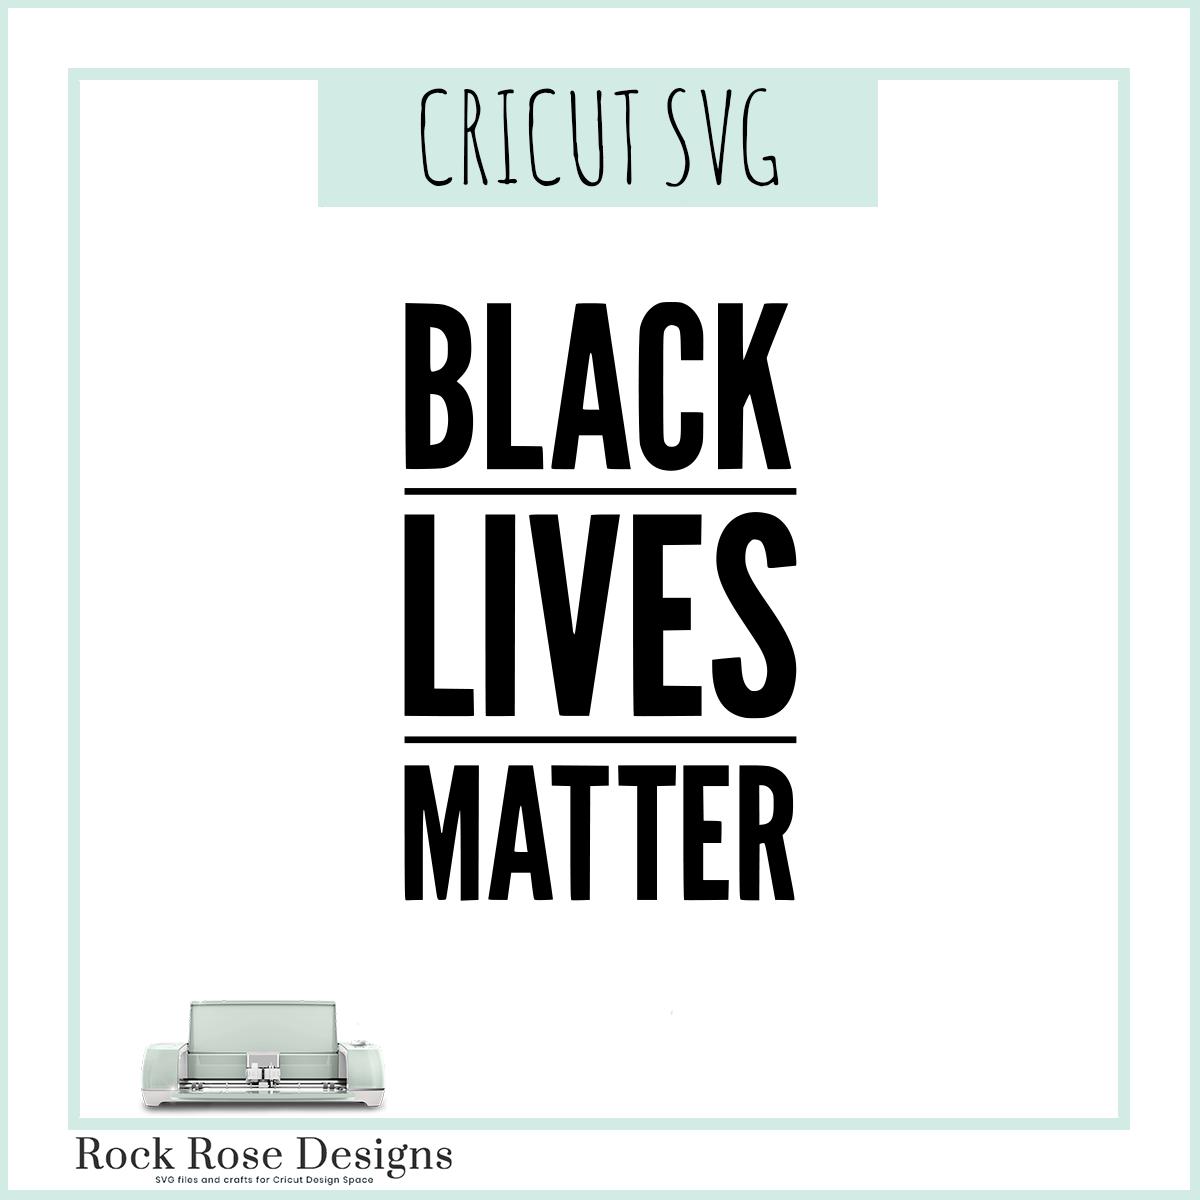 Black Lives Matter Svg Cut File Rock Rose Designs Rock Rose Designs